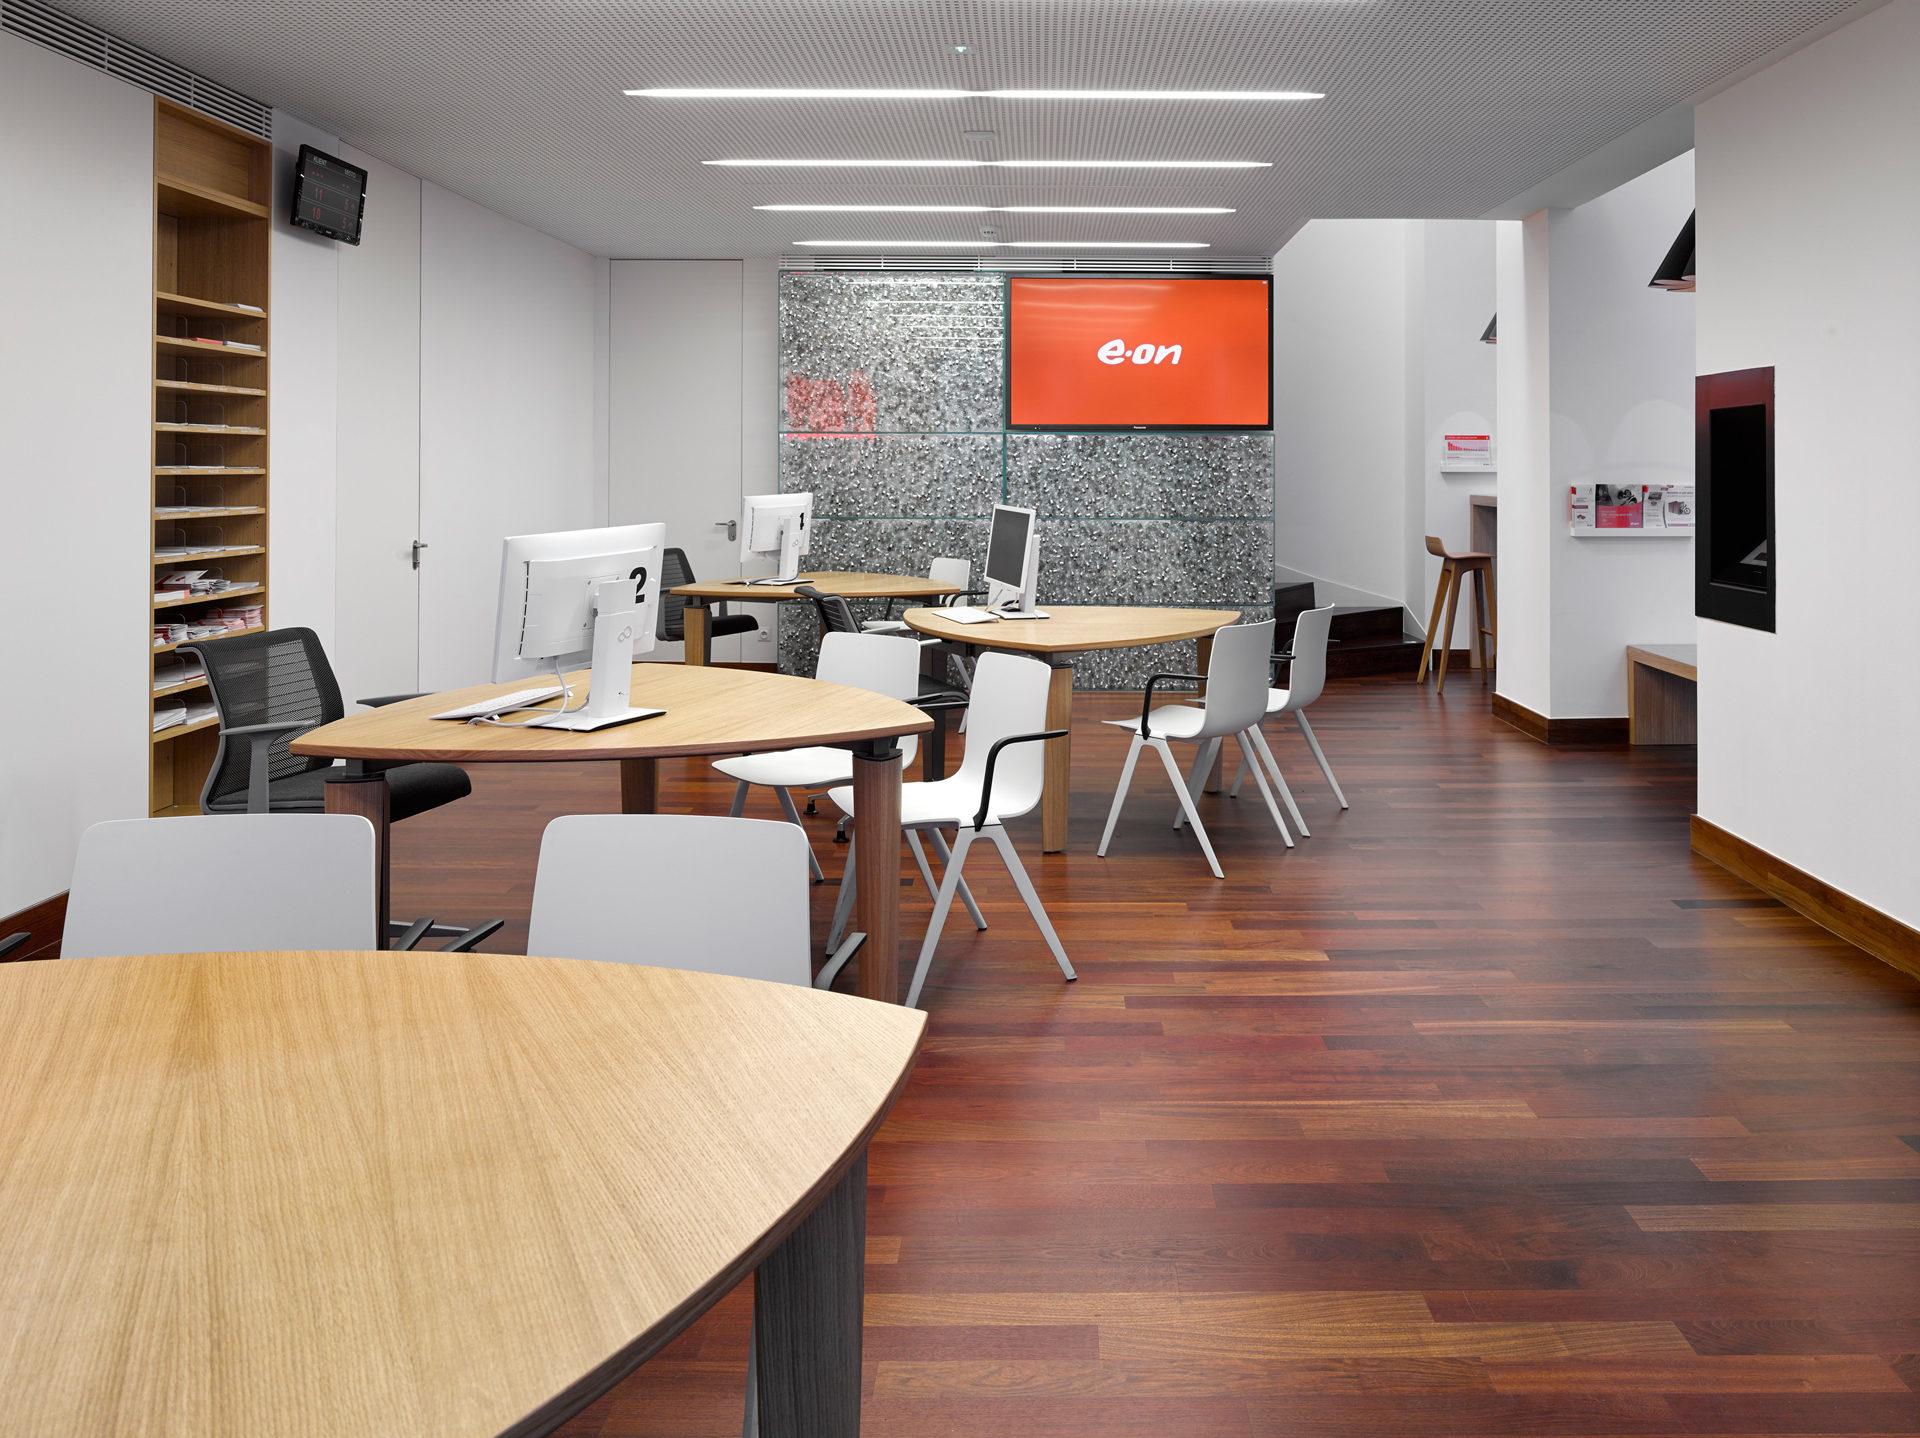 Poradenské centrum E.ON, Brno